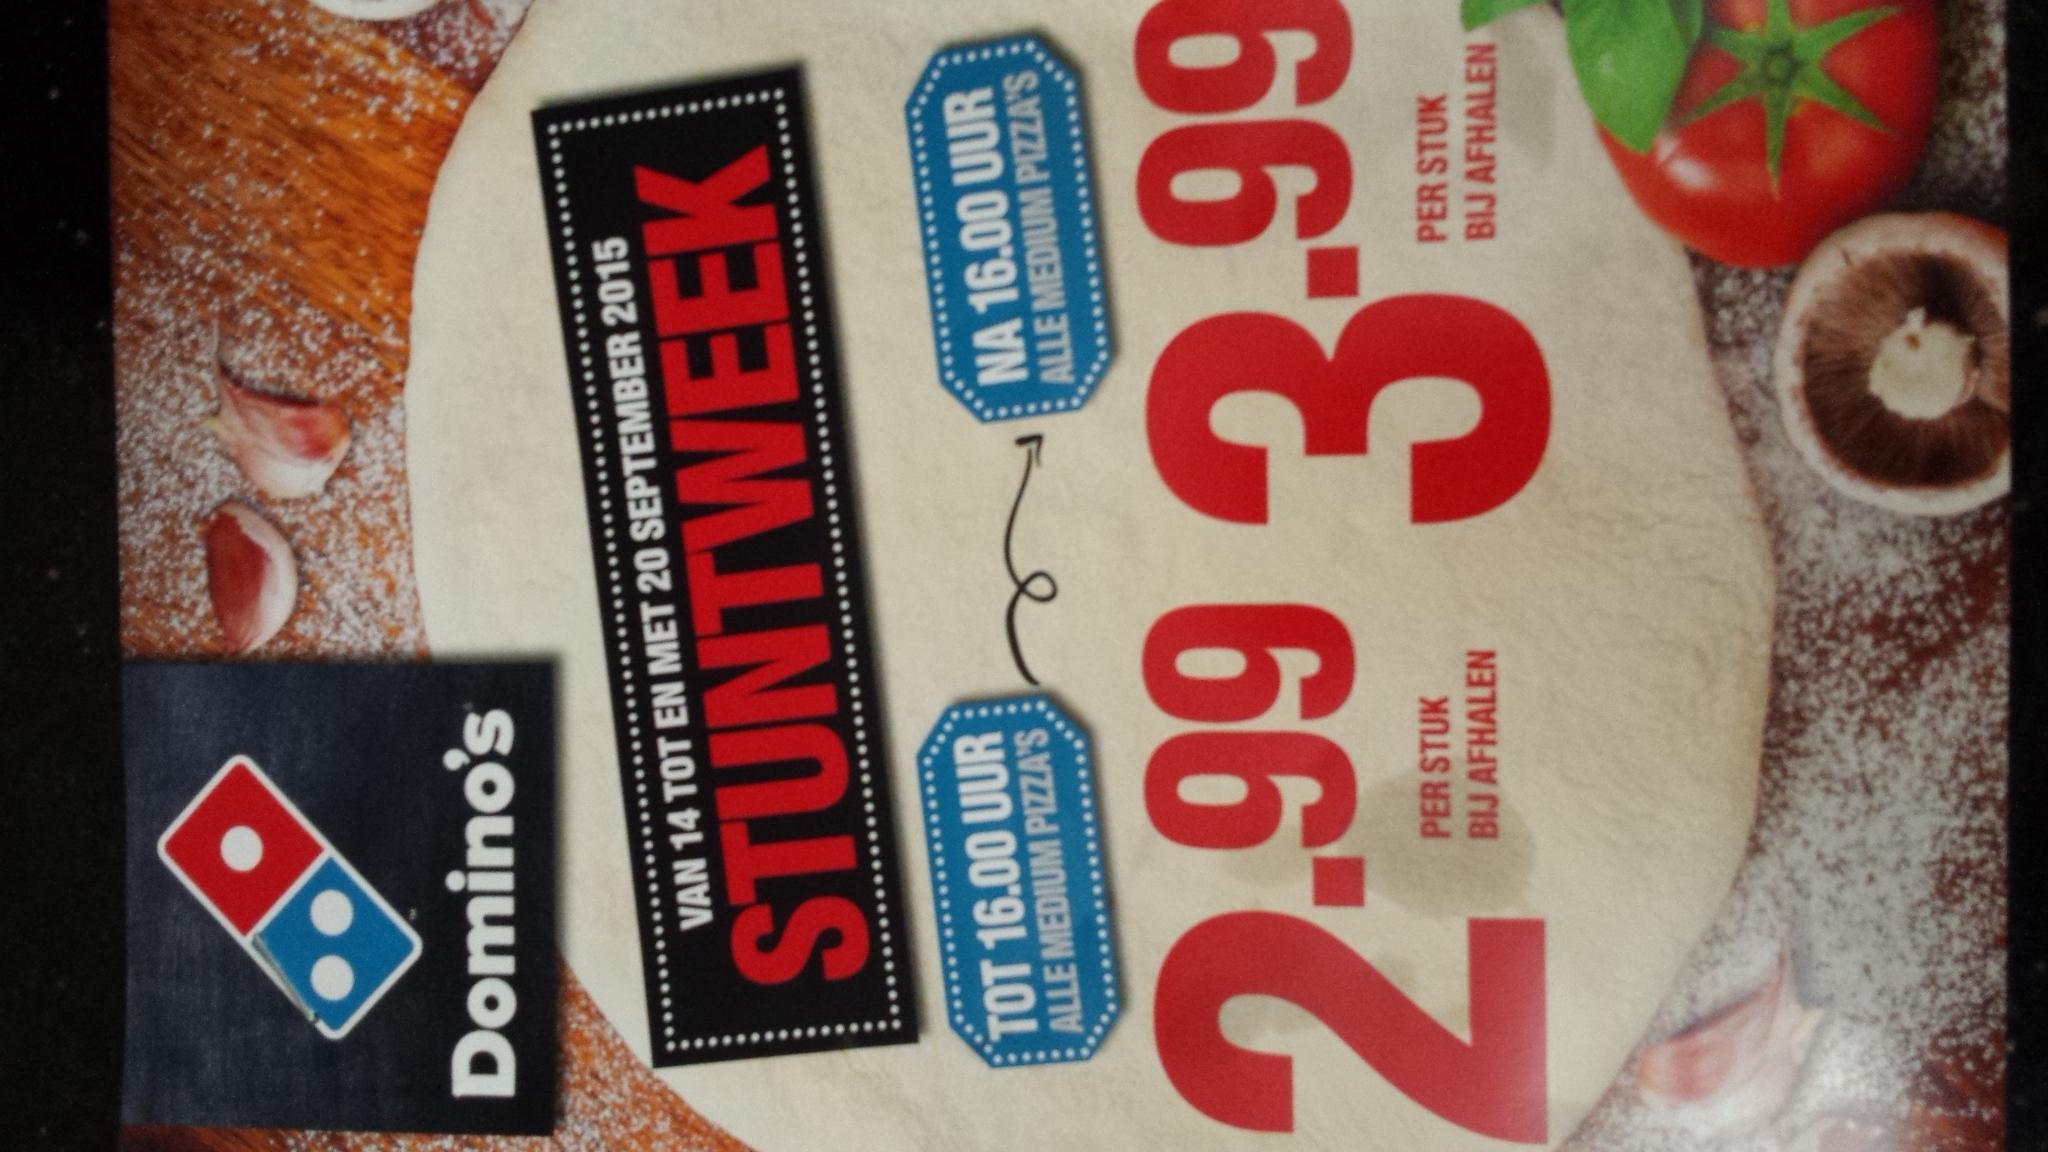 Stuntweek pizza's voor 2,99 bij domino's